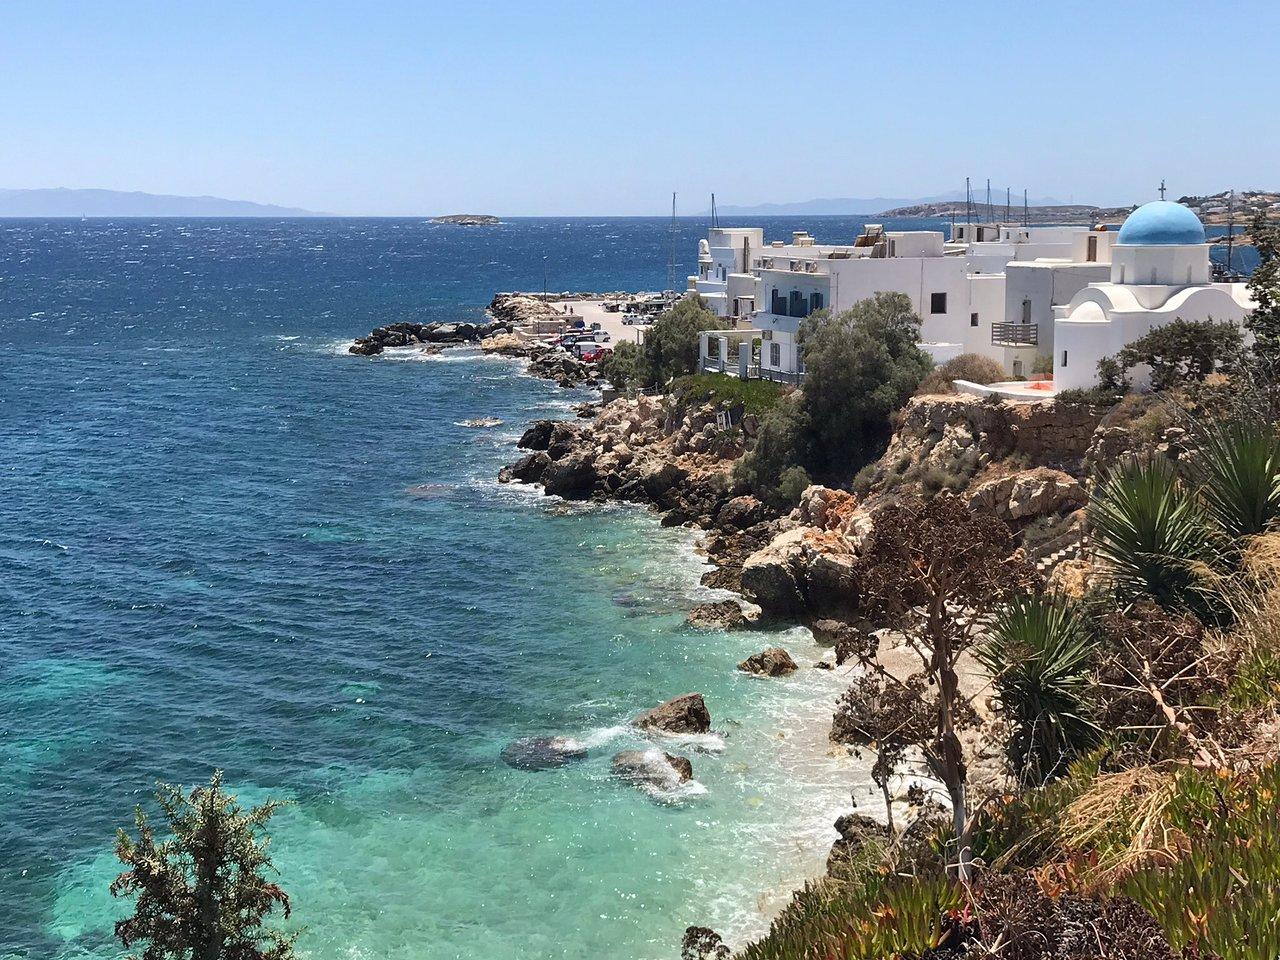 Piso Livadi sur l'île de Paros